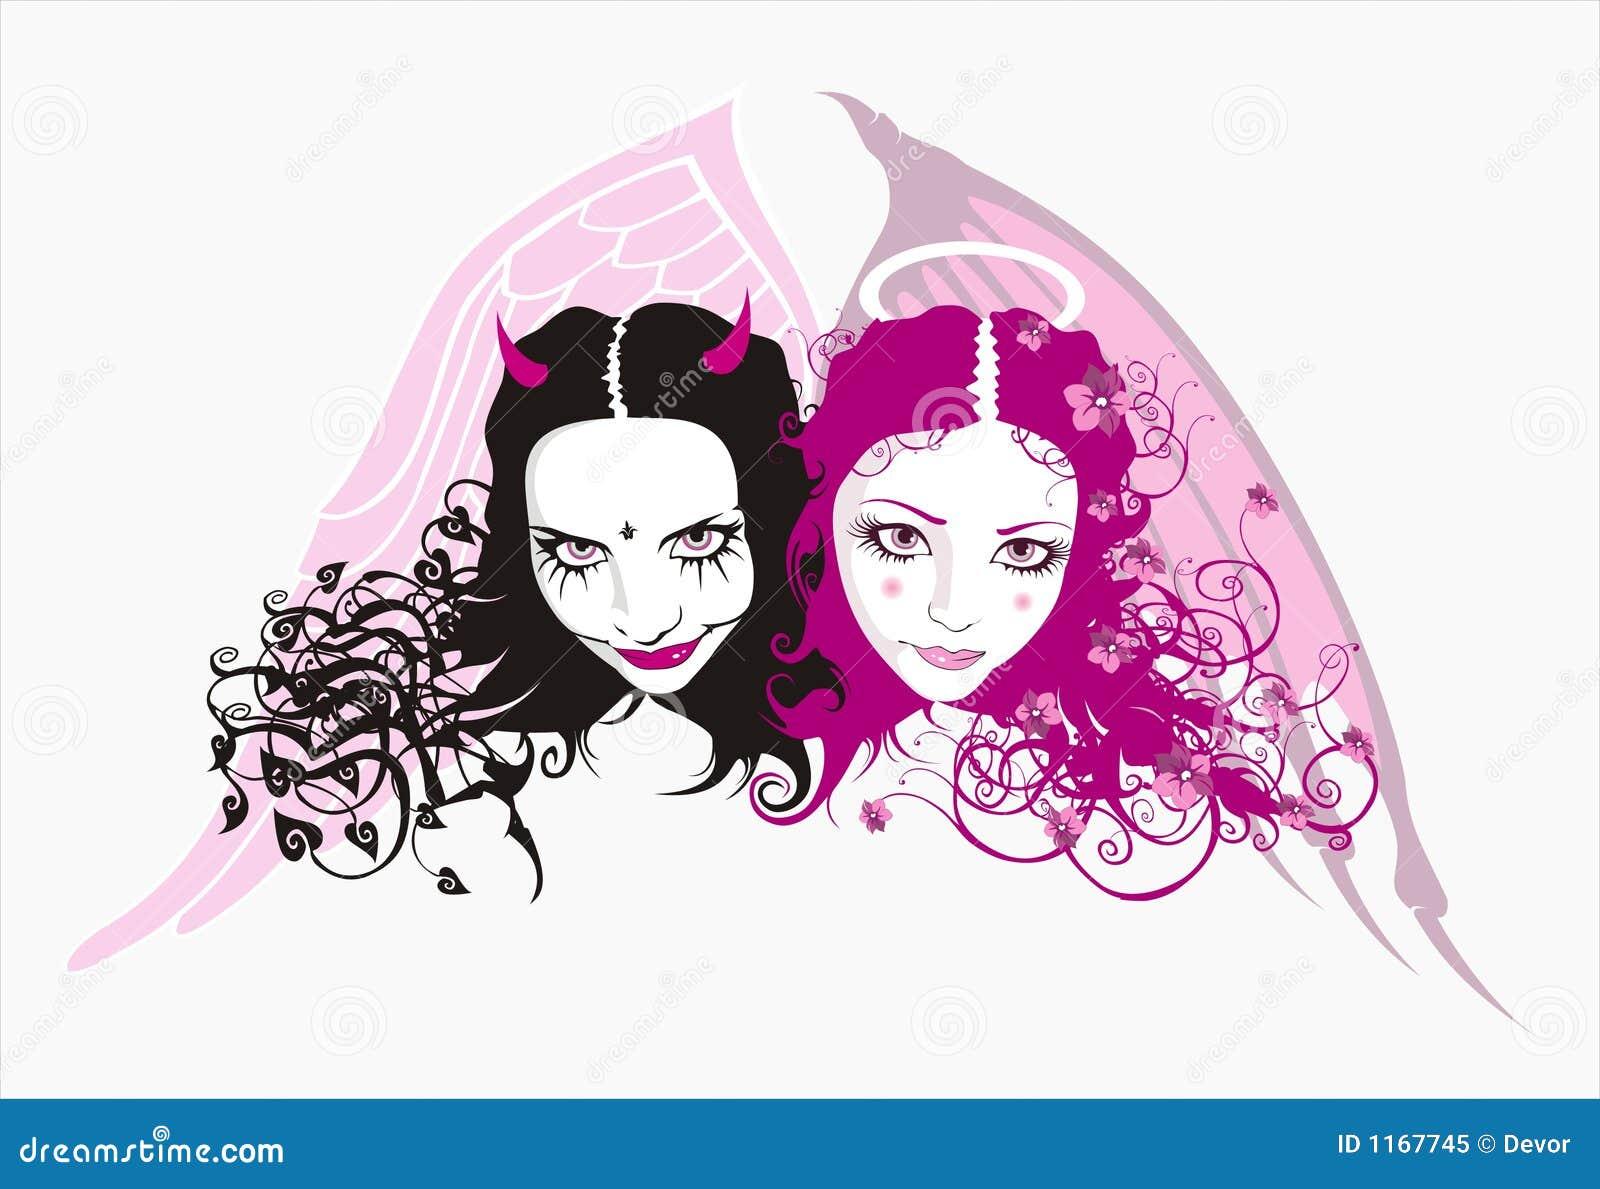 Engel und teufel sex